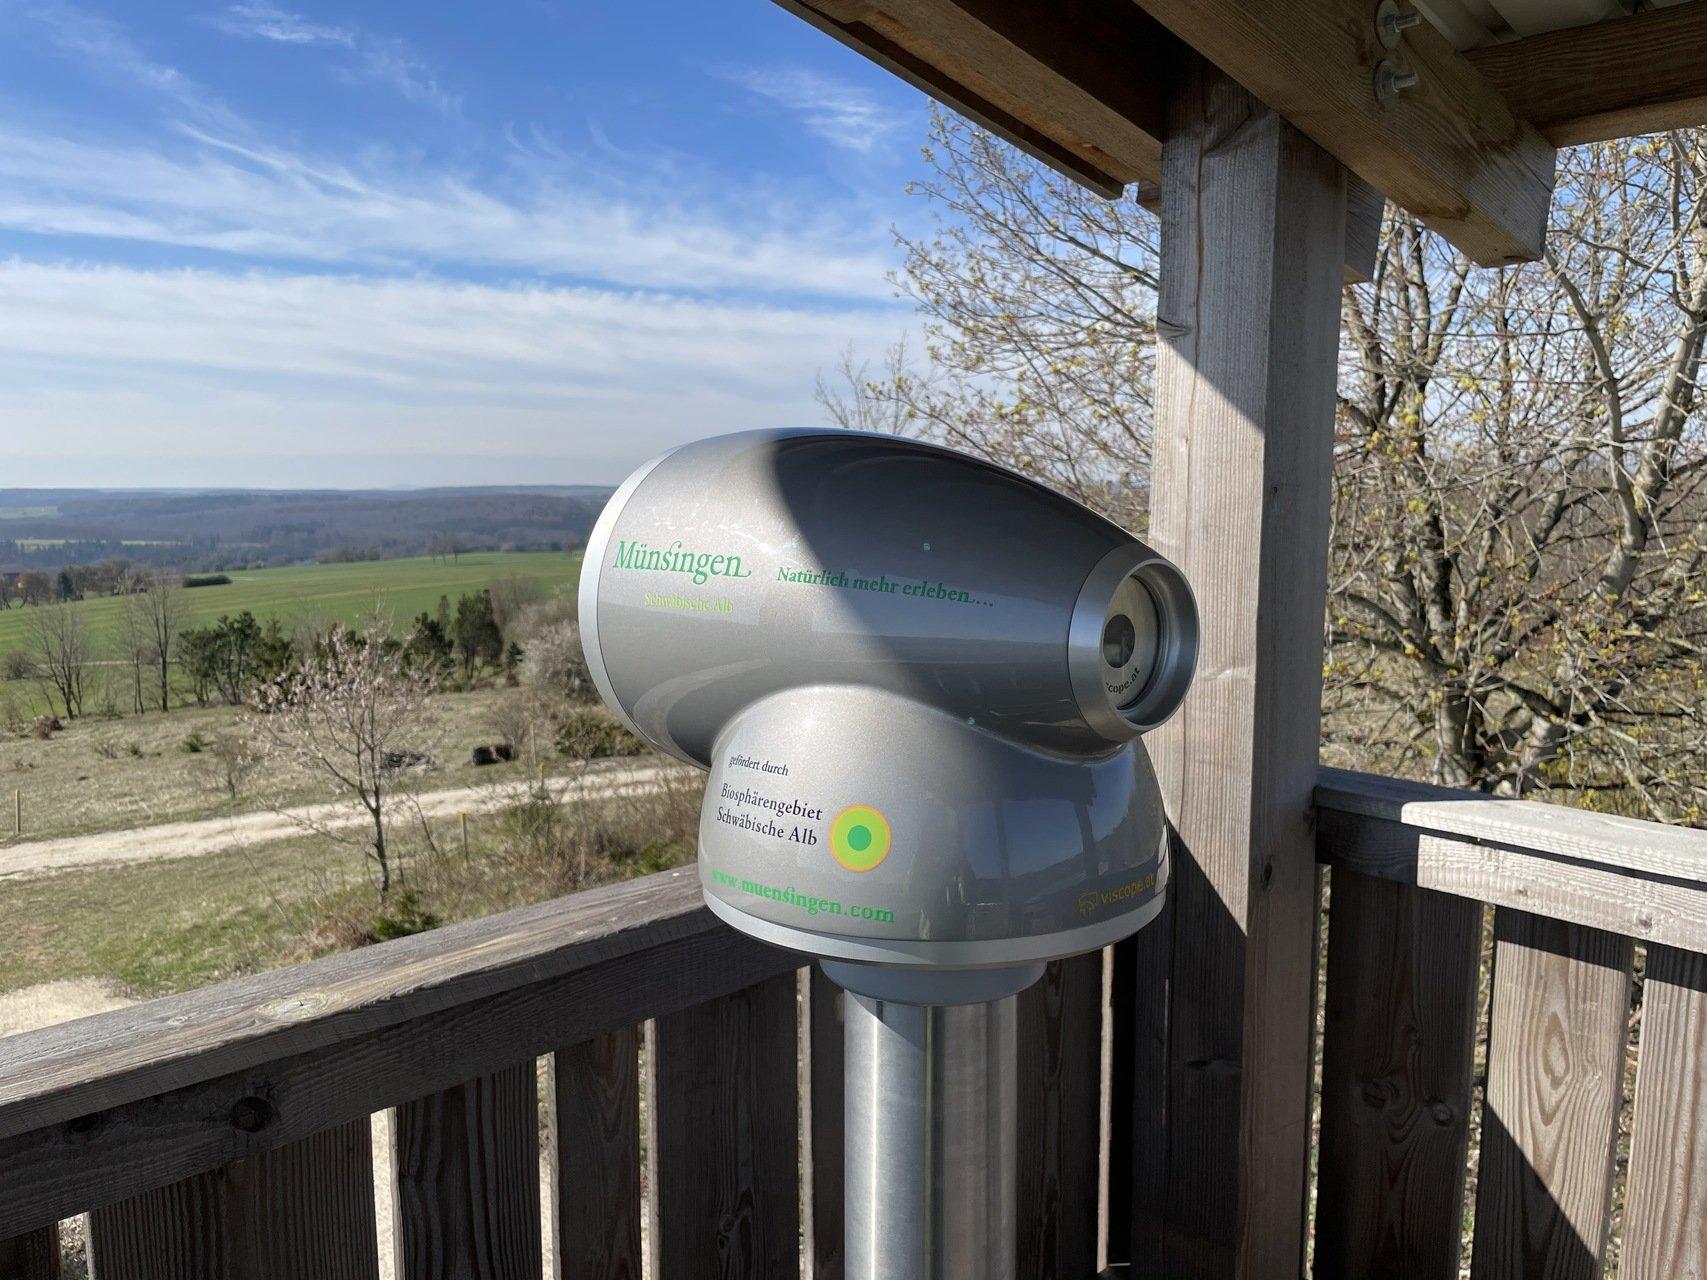 Auf einer Aussichtsplattform aus Holz steht ein Erklär-Fernrohr mit grüner Aufschrift Münsingen Natürlich mehr erleben